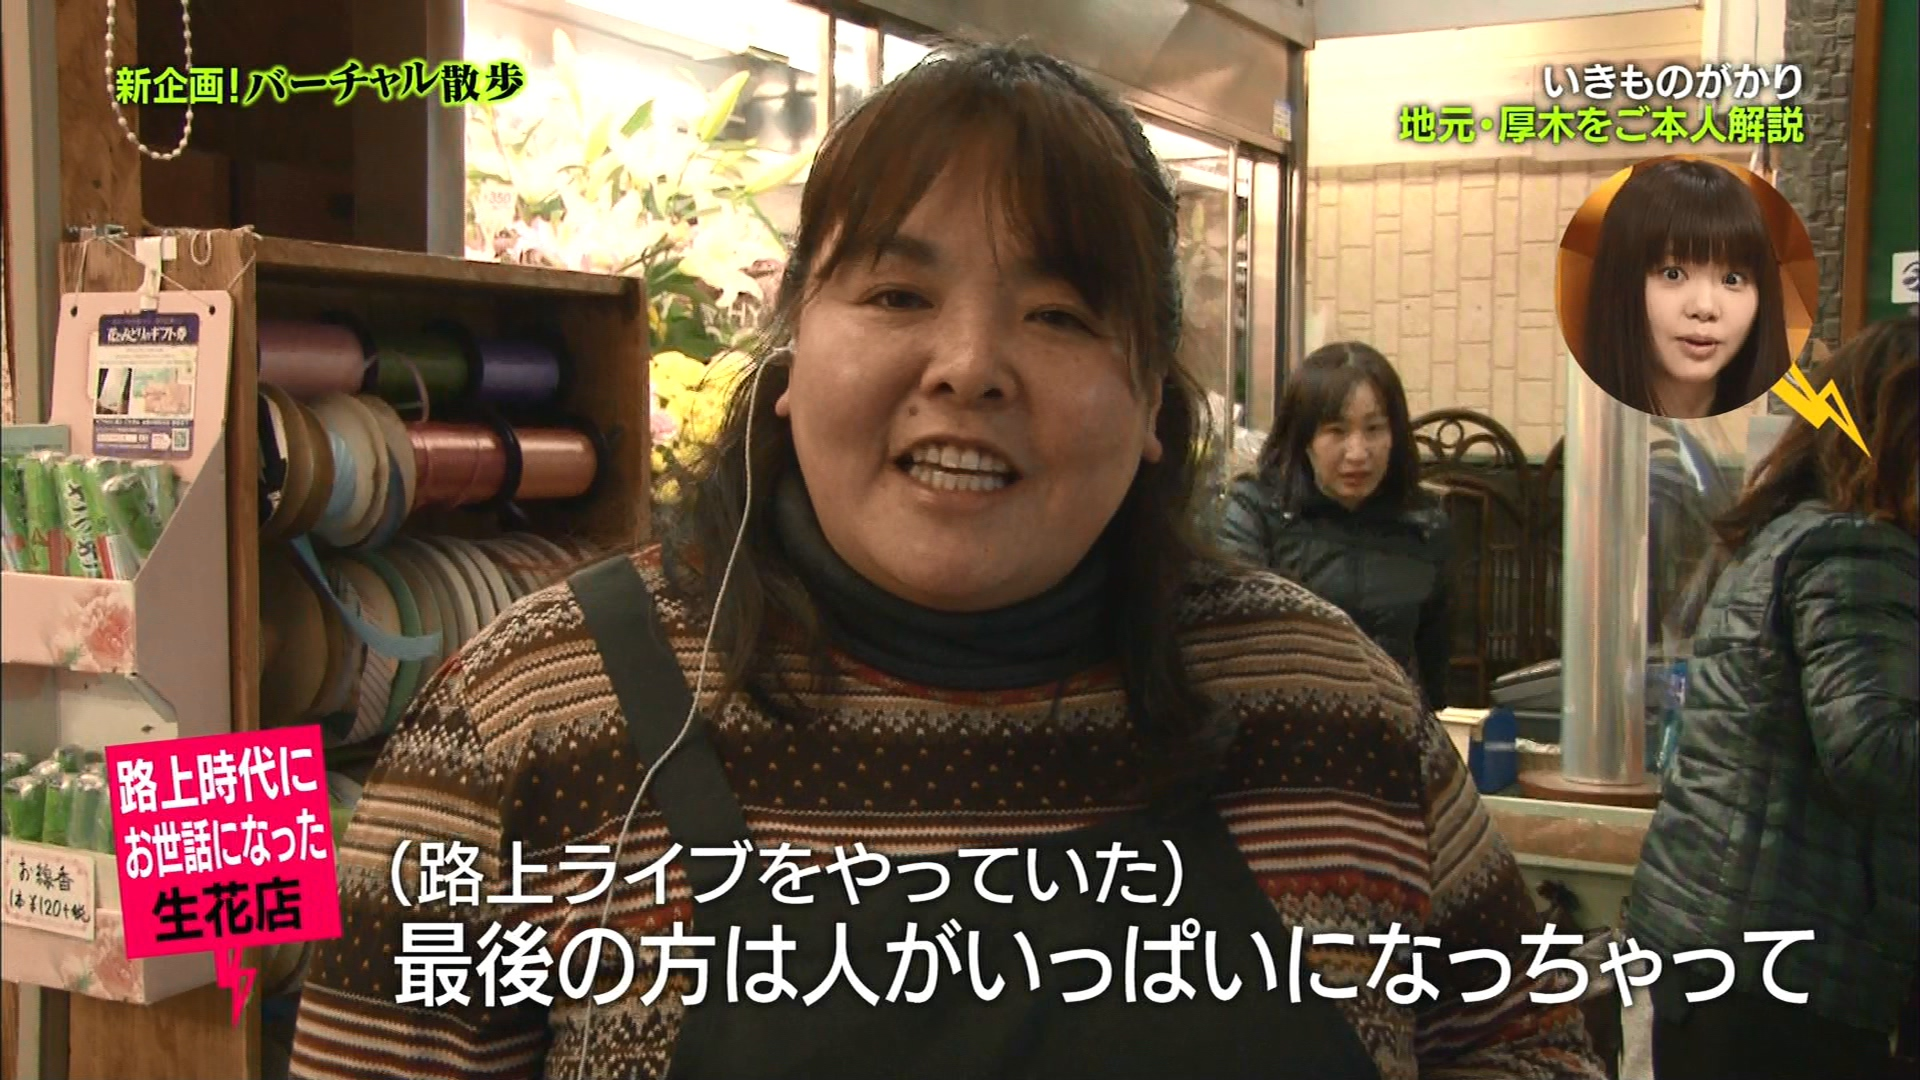 2016.03.11 全場(バズリズム).ts_20160312_024958.483